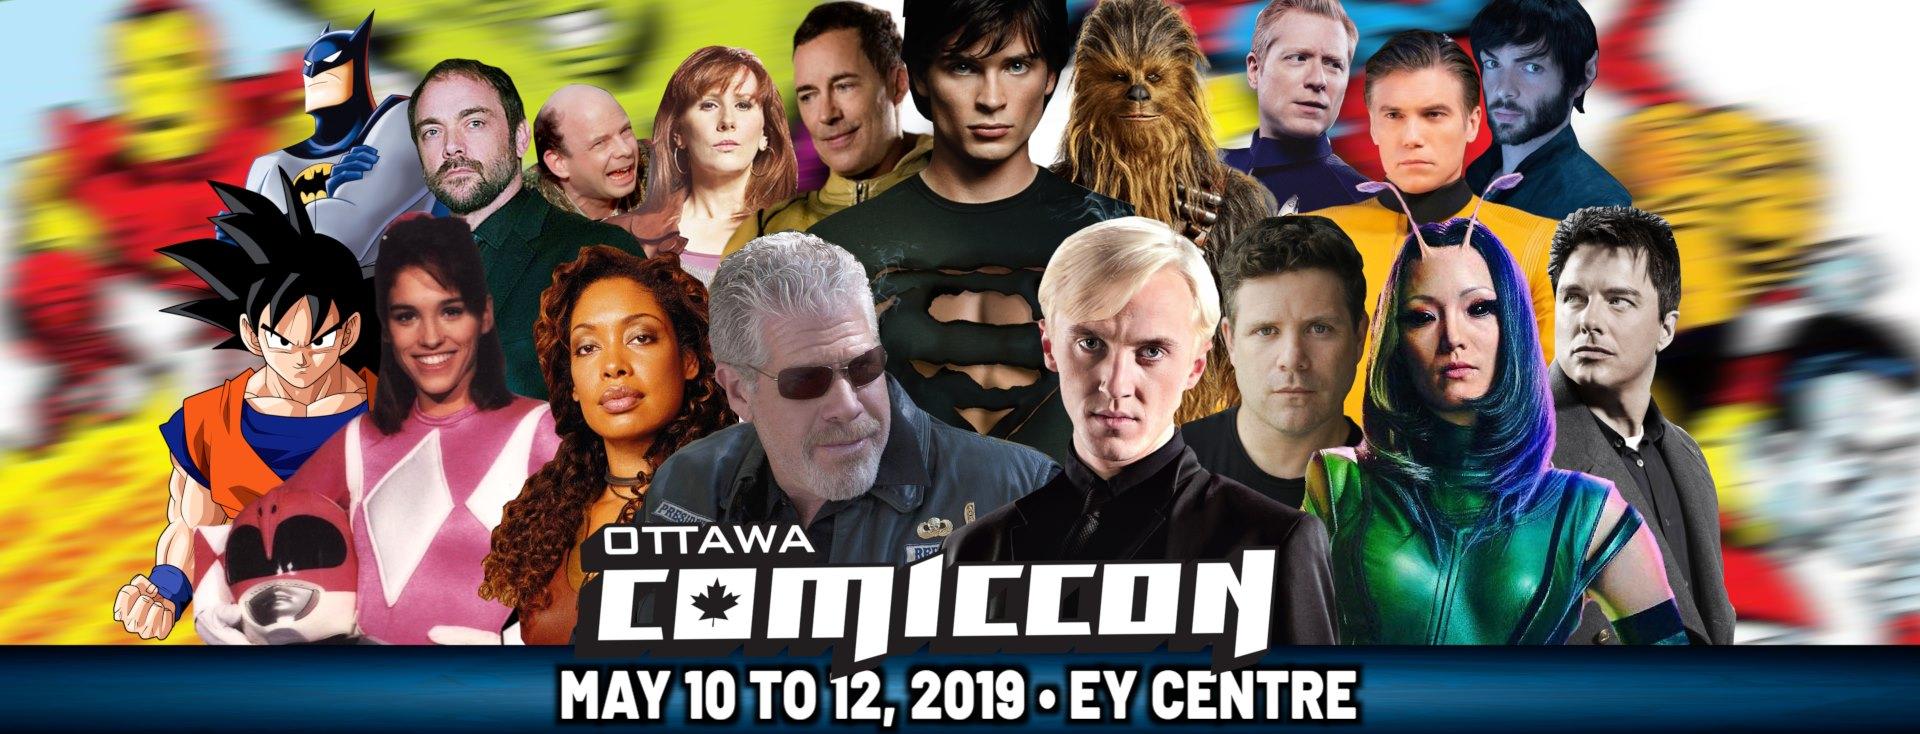 Ottawa Comiccon 2019